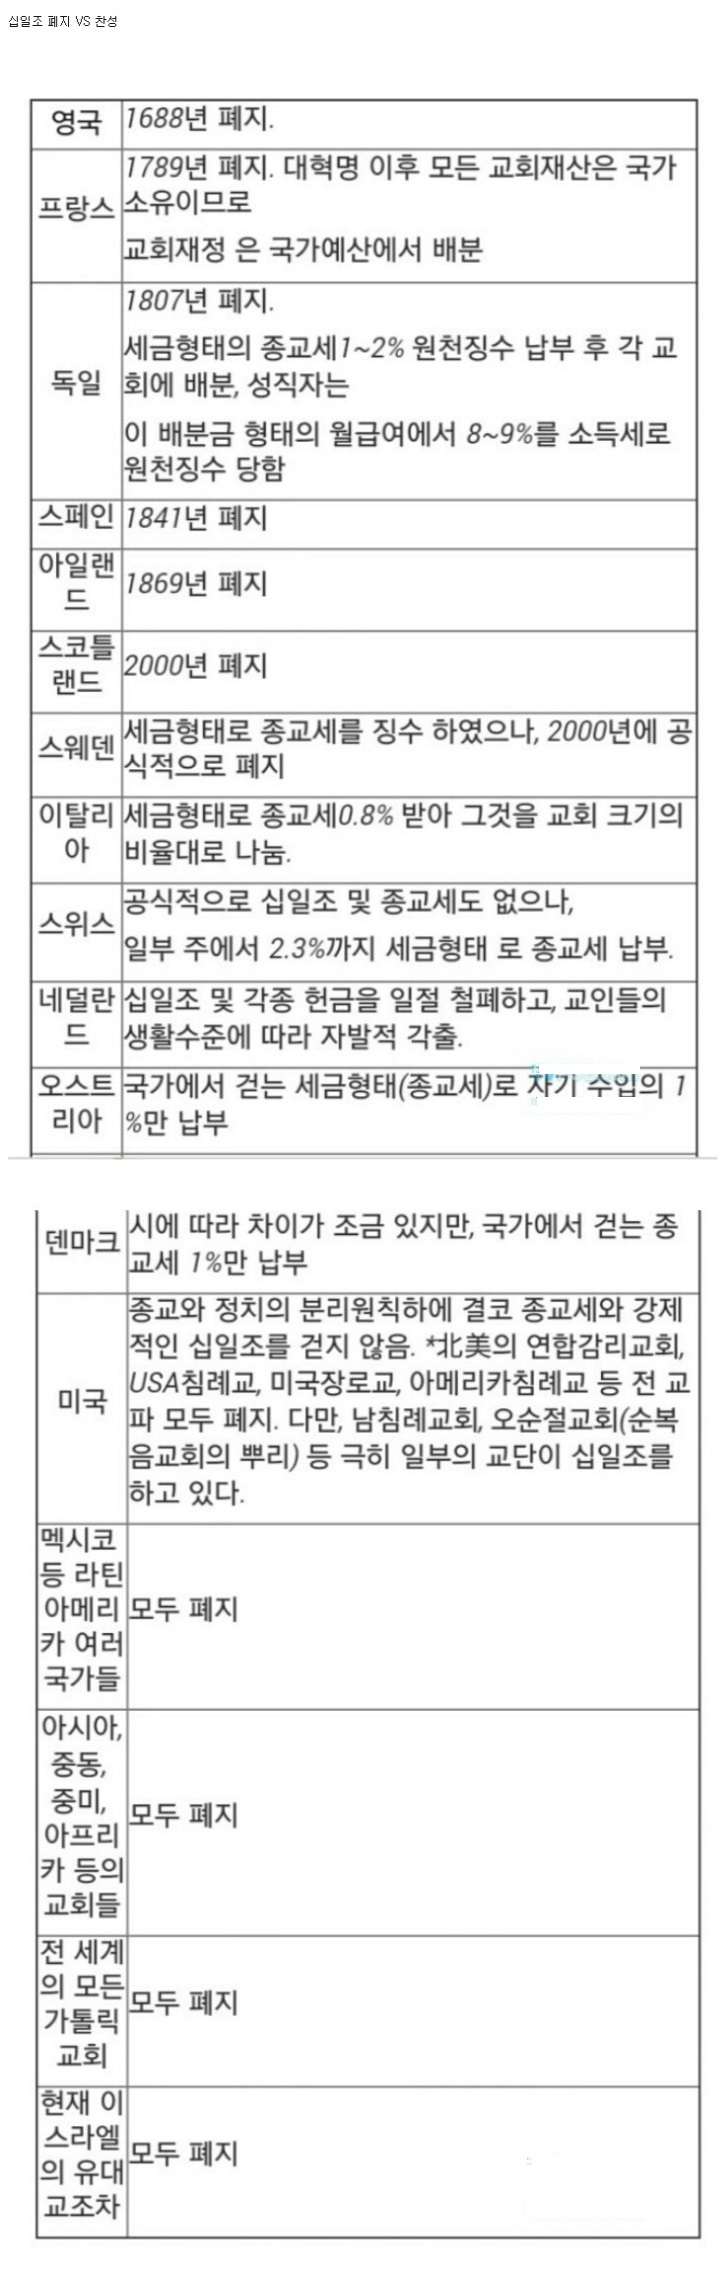 전세계 교회 십일조 폐지 vs 한국 교회의 진실